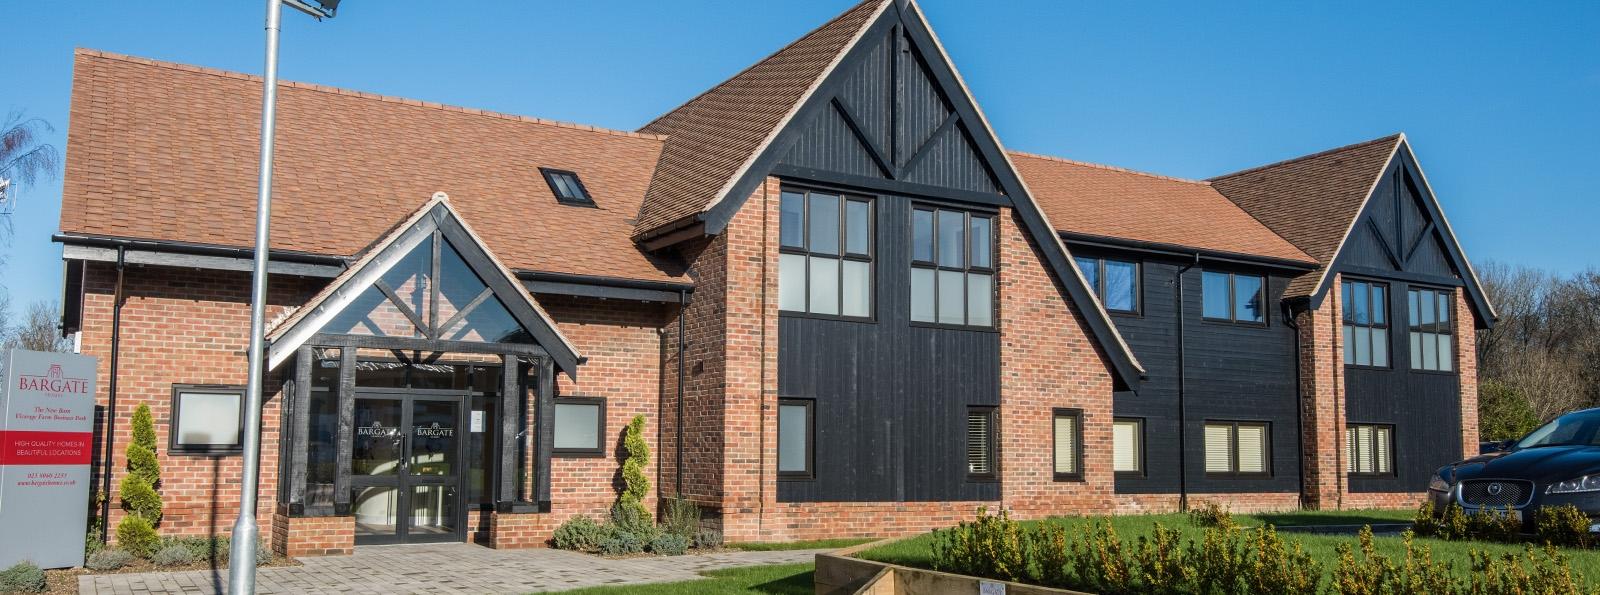 new_office_bargate_homes_developer_fair_